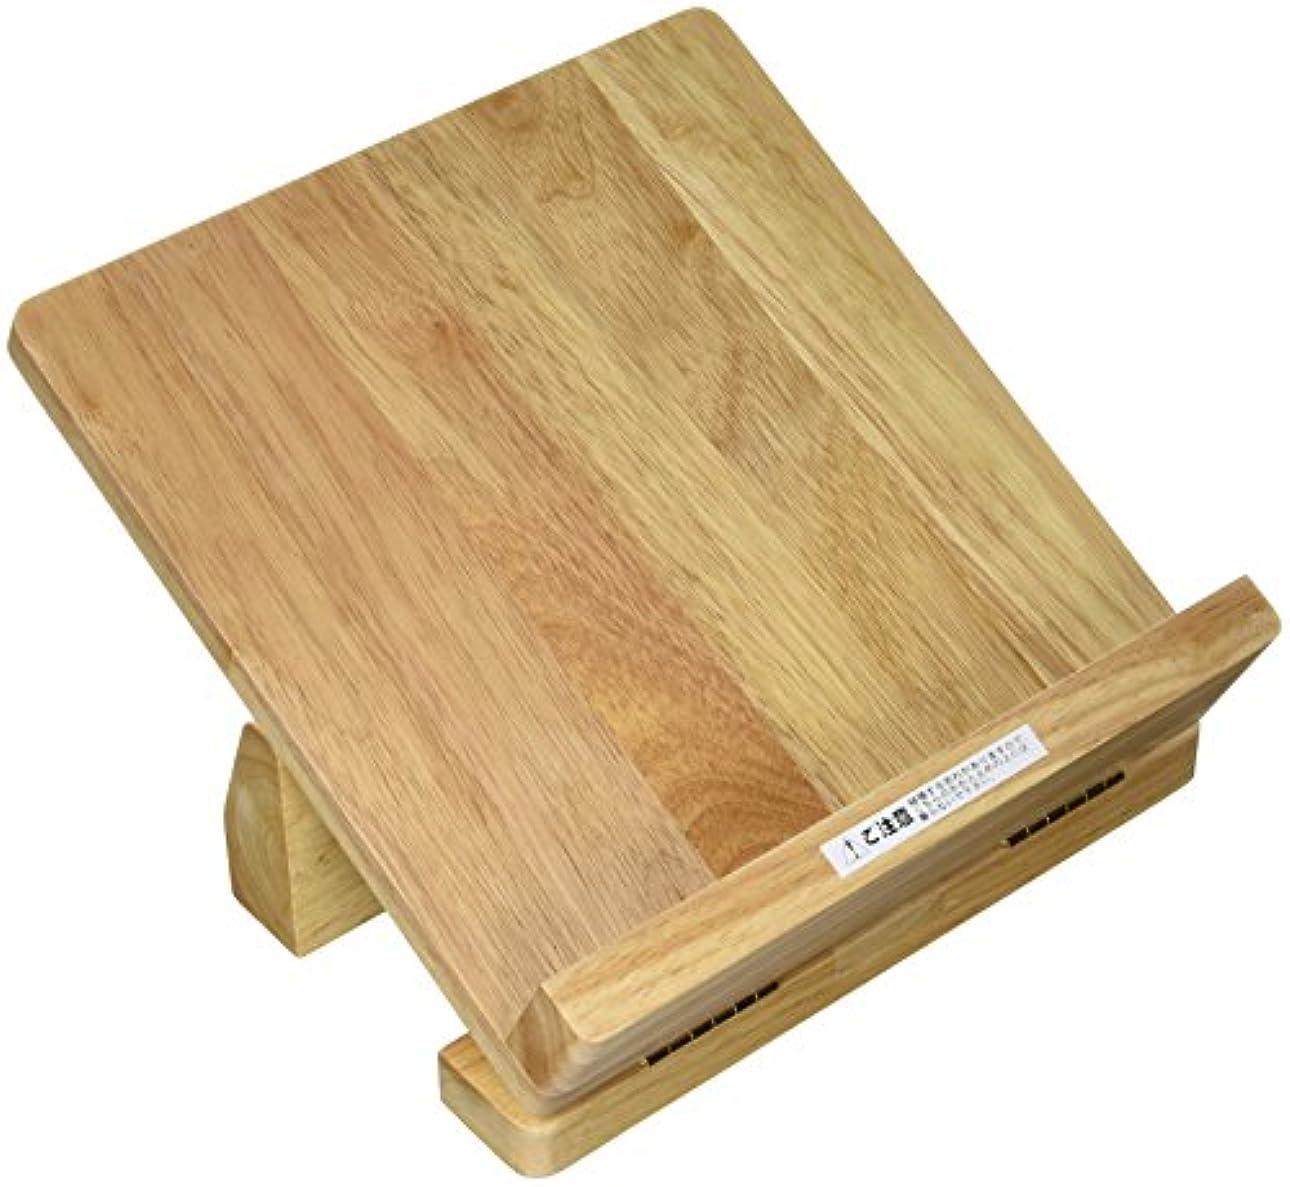 事前にそよ風閉塞足首のびのび 木製ストレッチボード